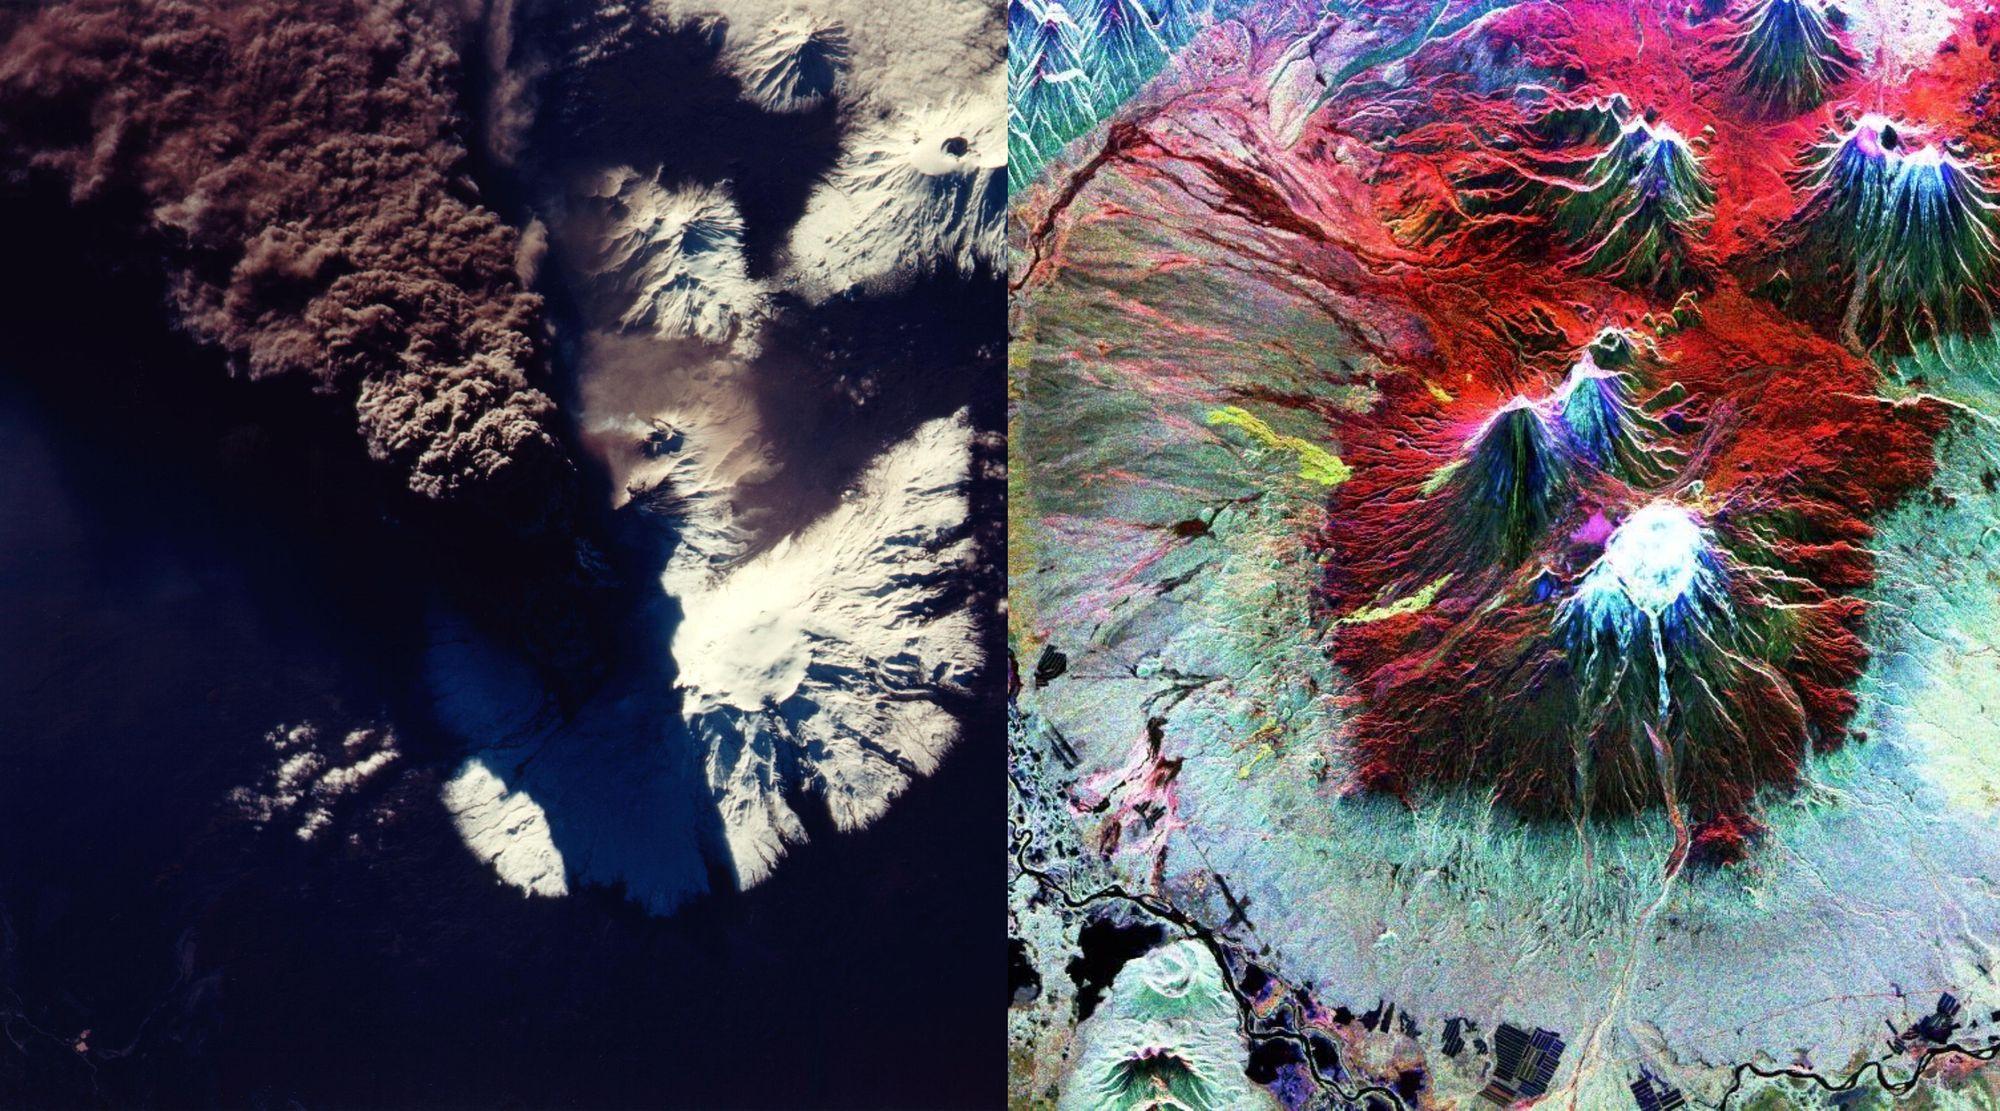 volcán kliuchevskoi en Kamchatka